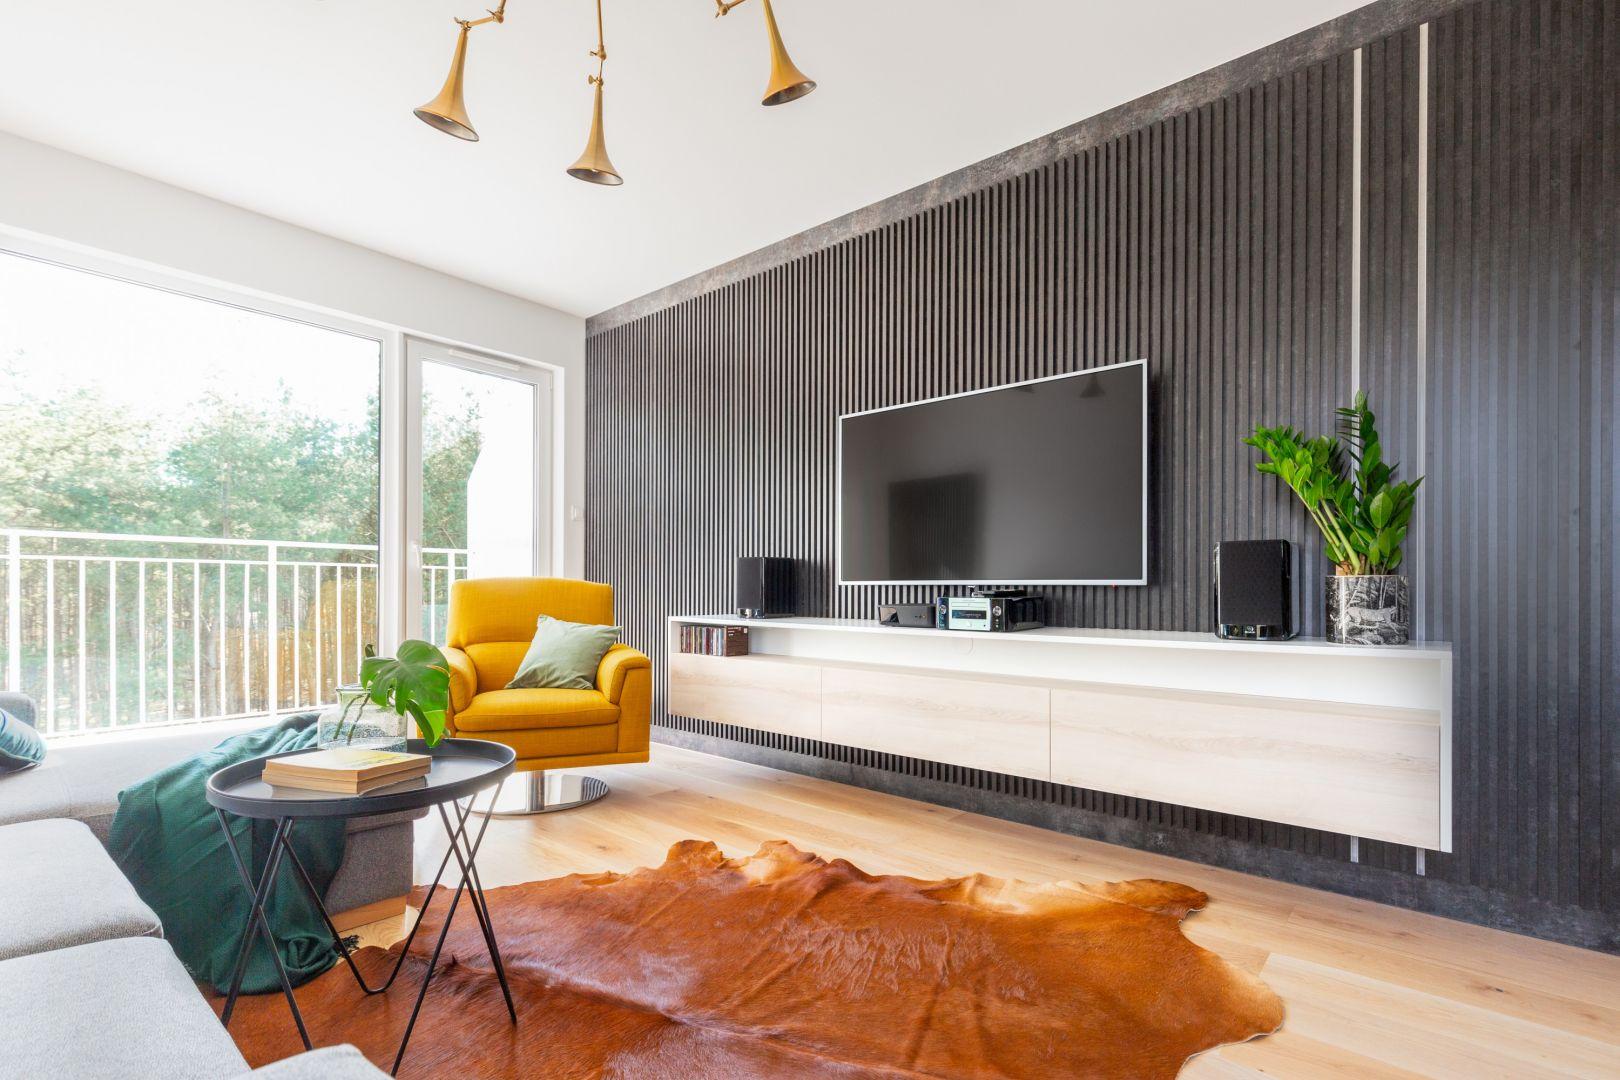 Co na ścianę w salonie? 20 sprawdzonych pomysłów architektów wnętrz. Projekt gama design współ Joanna Rej fot Pion Poziom